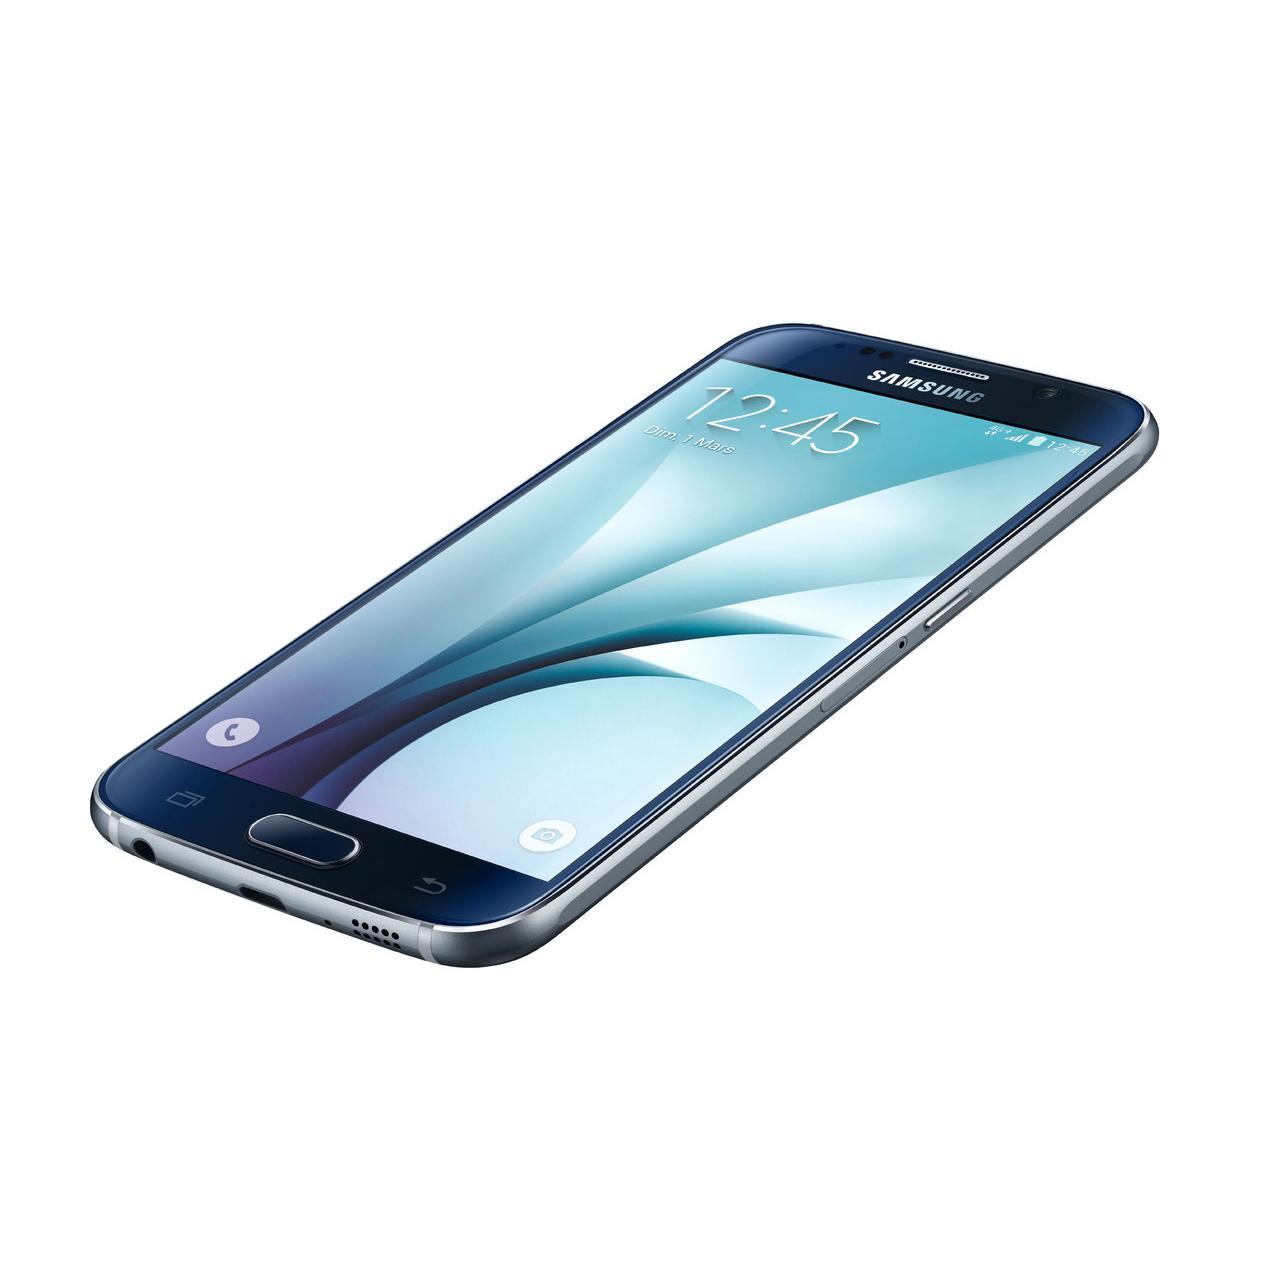 Galaxy S6 AT&T